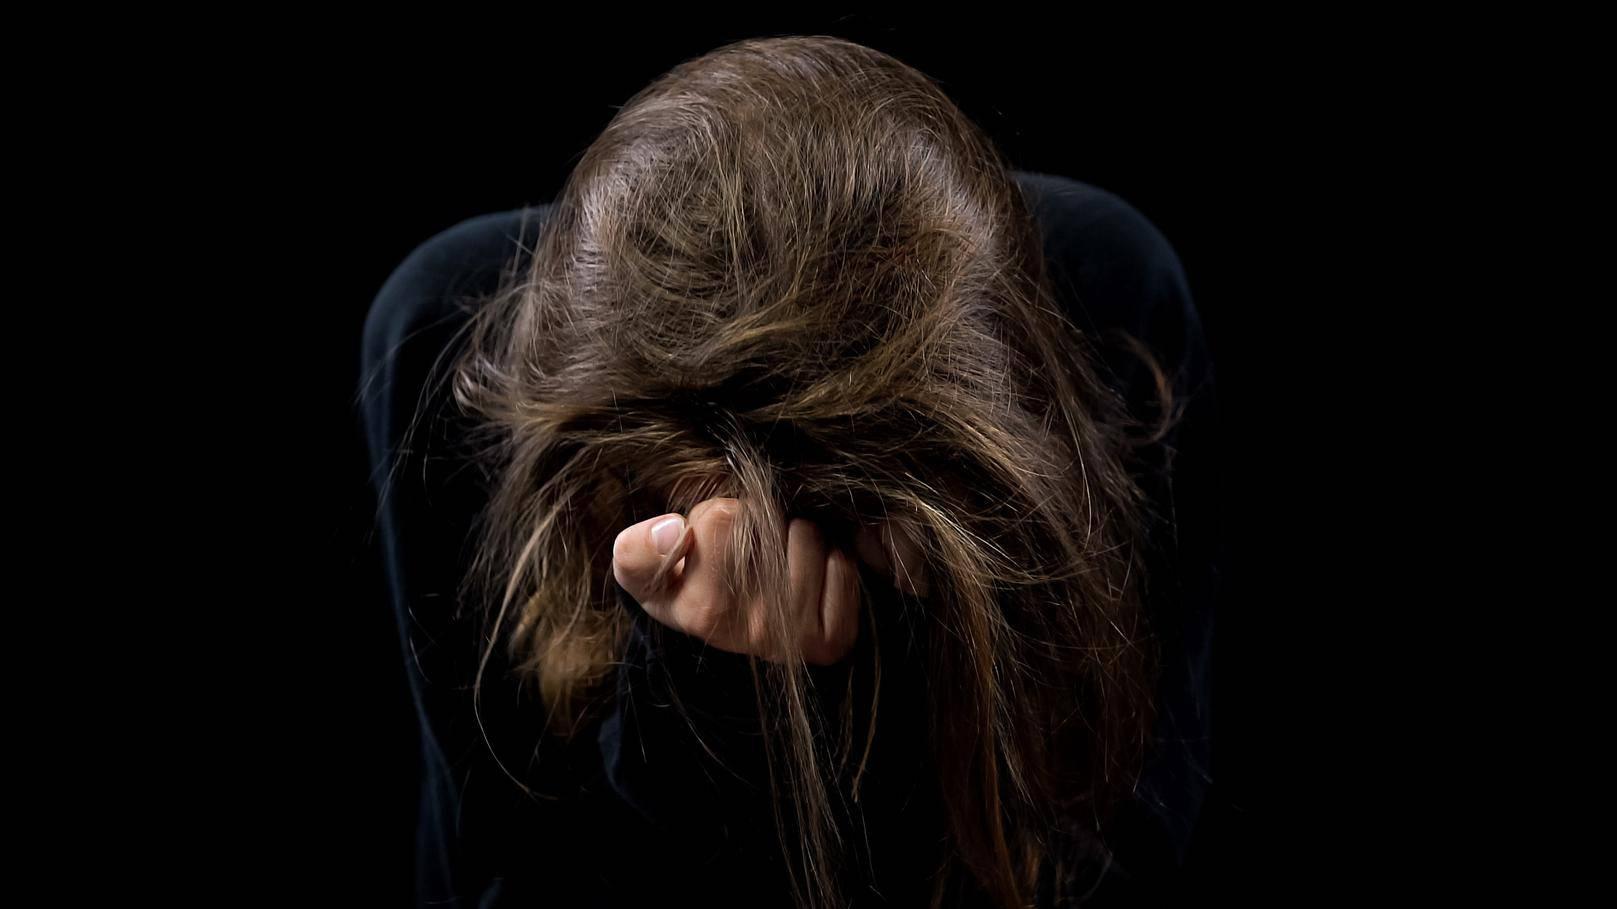 Prijavile su silovanja u Rijeci, Sisku i Zagrebu, jednu žrtvu je partner silovao devet godina